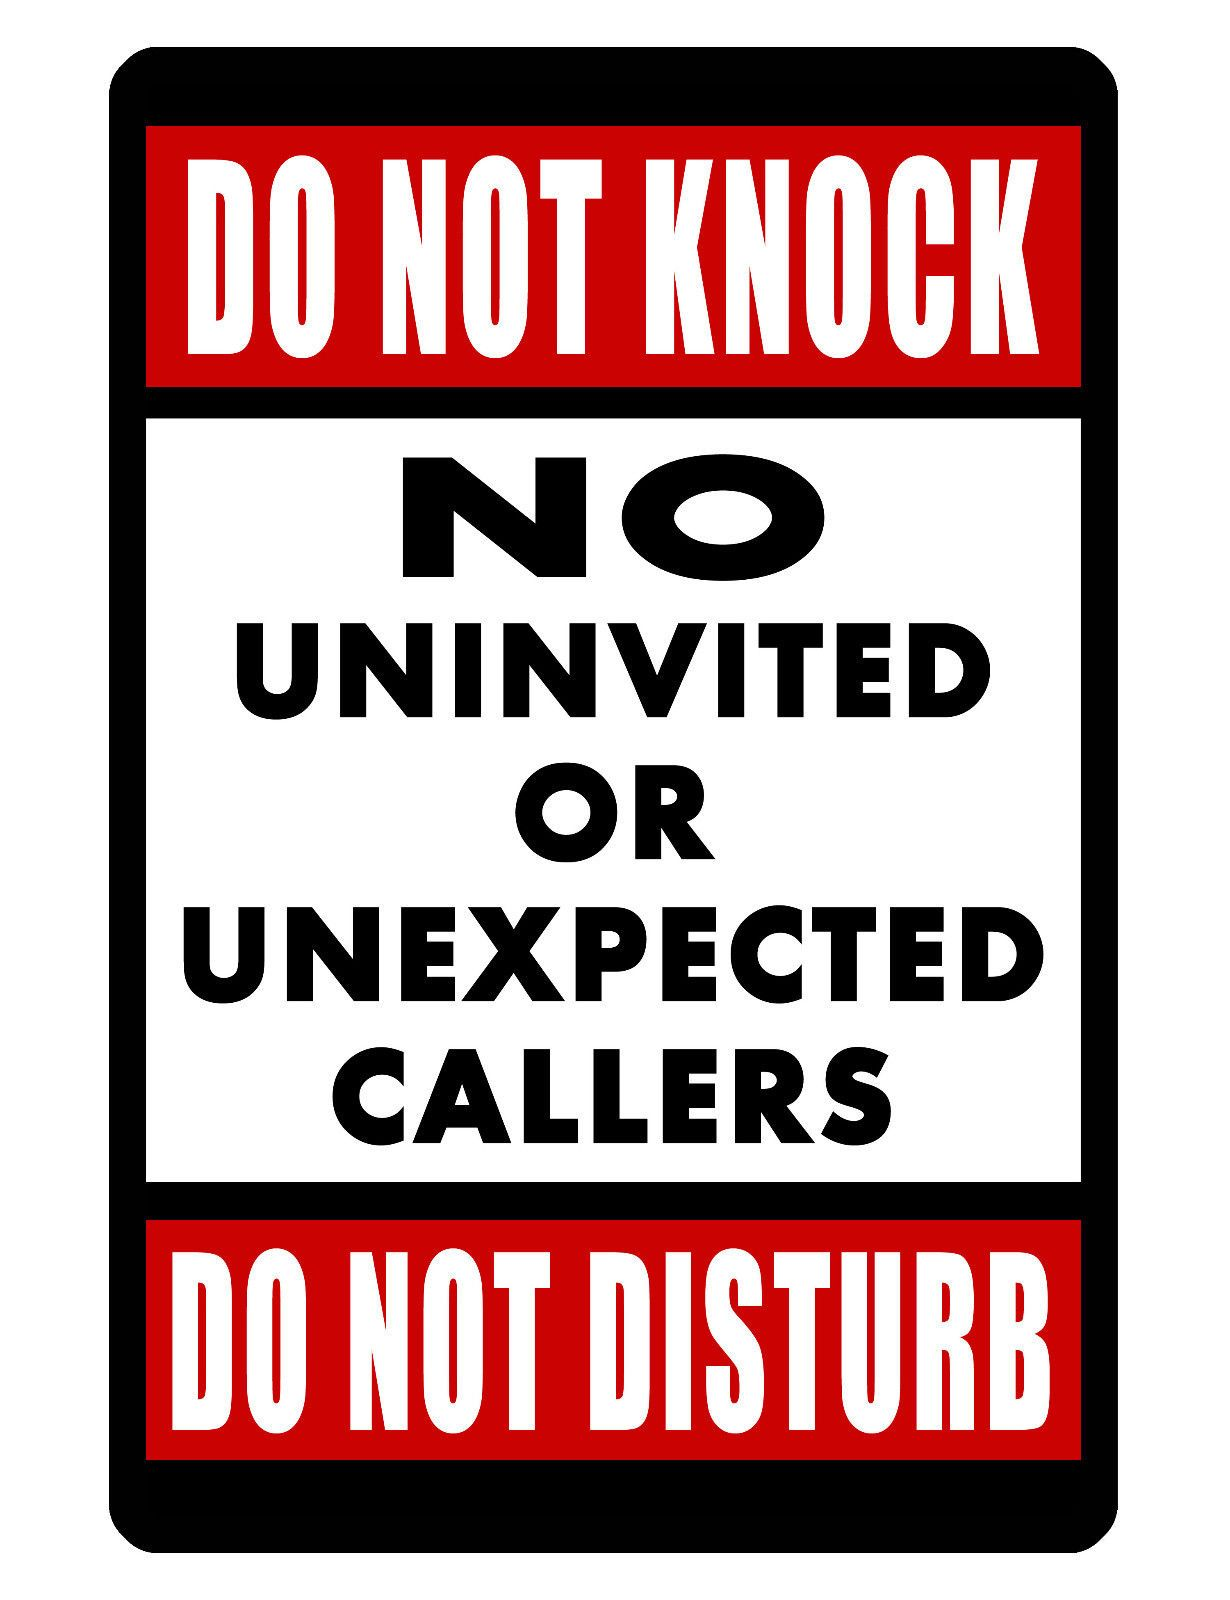 DO NOT KNOCK//DISTURB SIGN DURABLE ALUMINUM NO RUST FULL COLOR CUSTOM SIGN DD#431